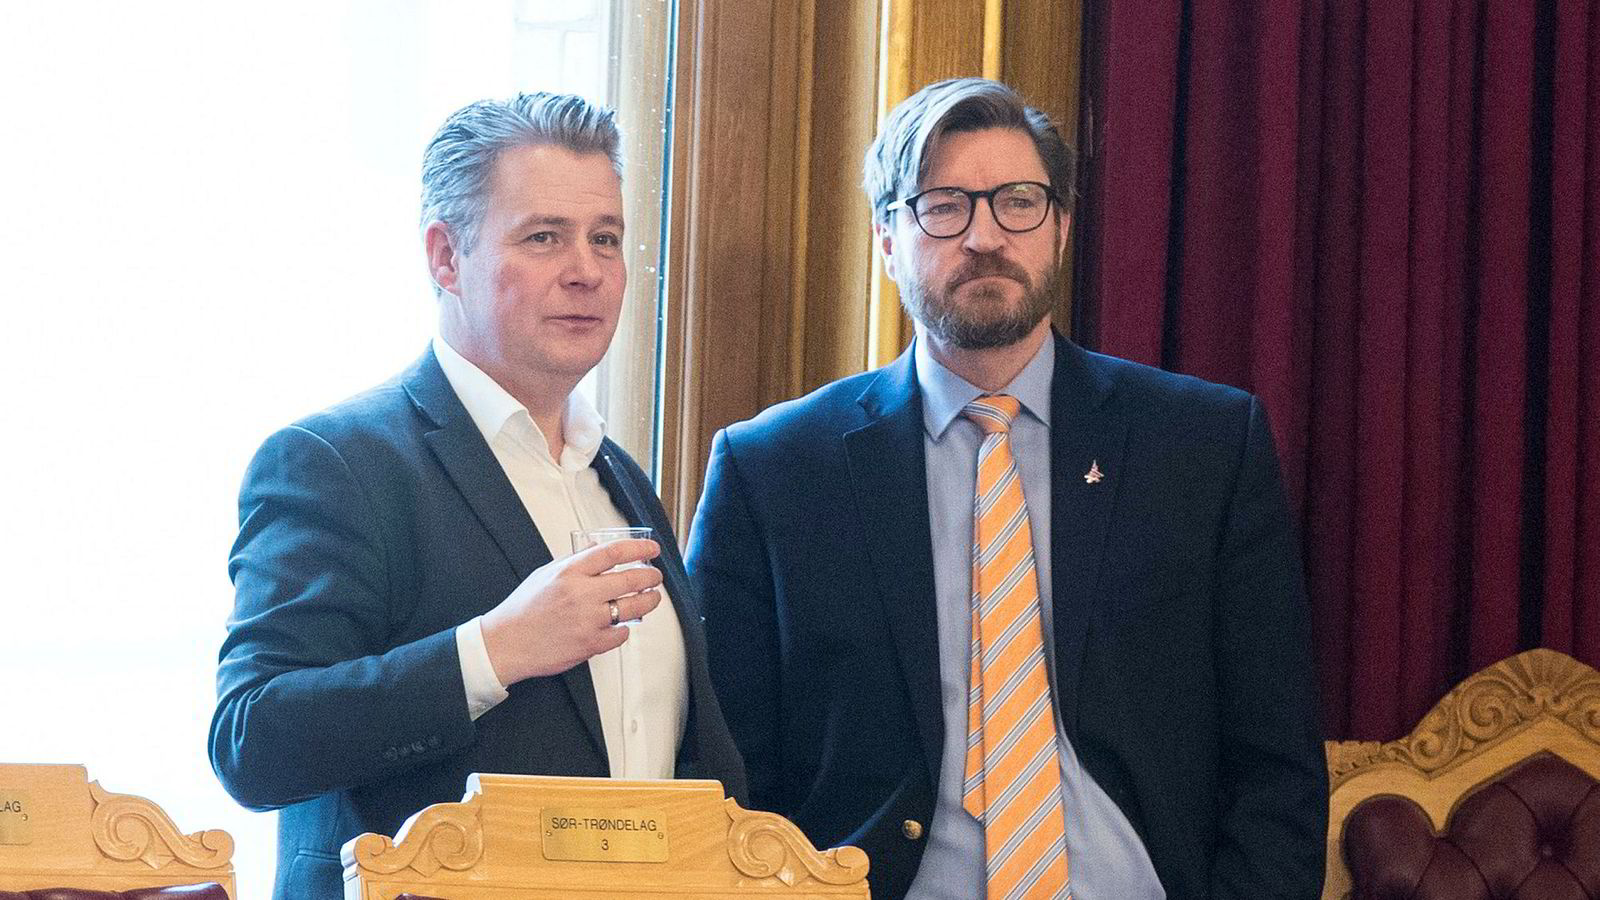 Per-Willy Amundsen og Christian Tybring-Gjedde (begge Frp) under debatten om at Norge må utrede muligheten for å signere atomvåpenforbudet.